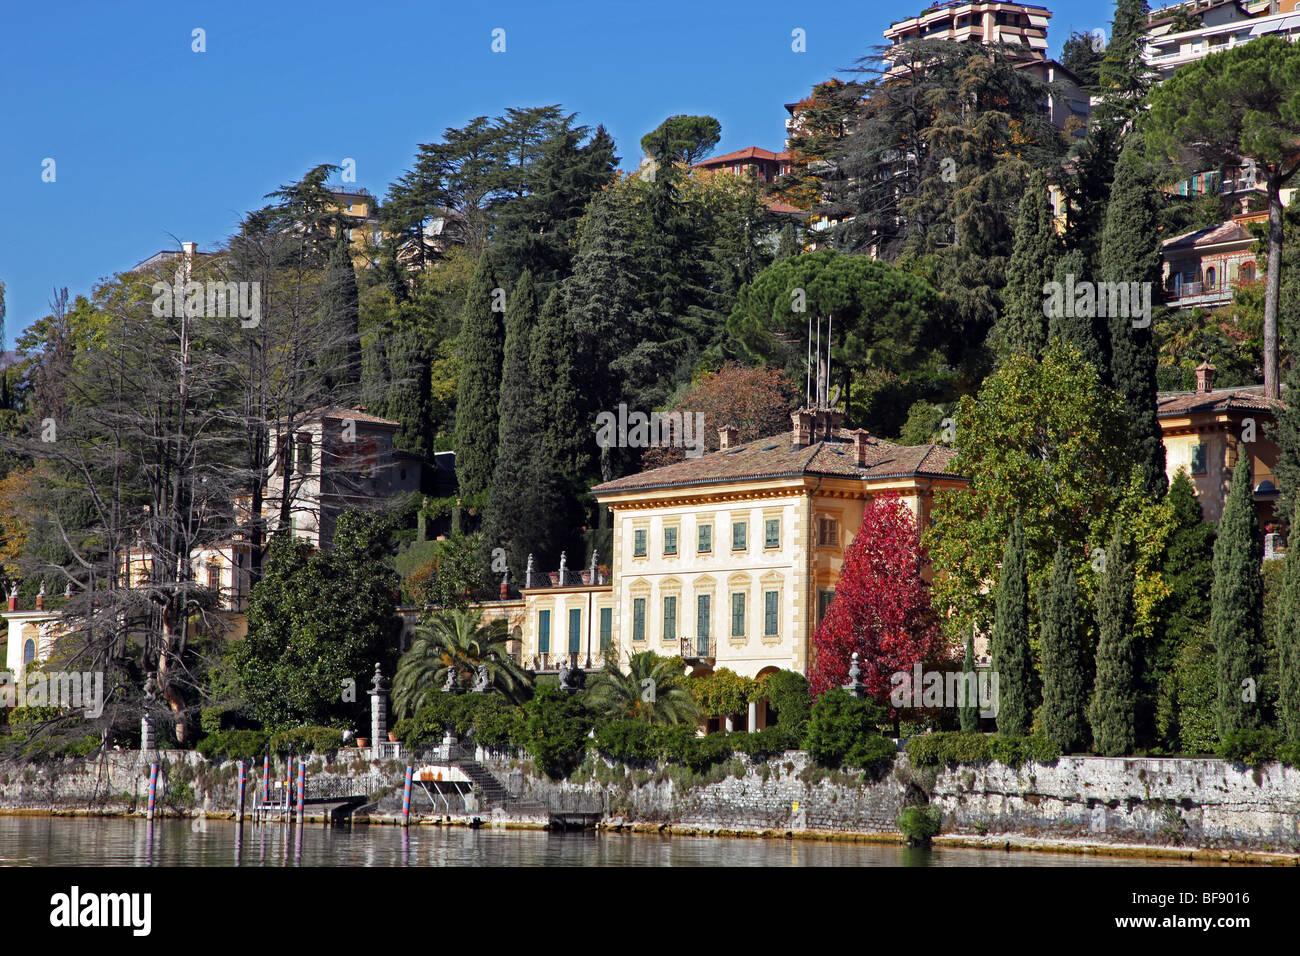 Villa Favorita Hotel